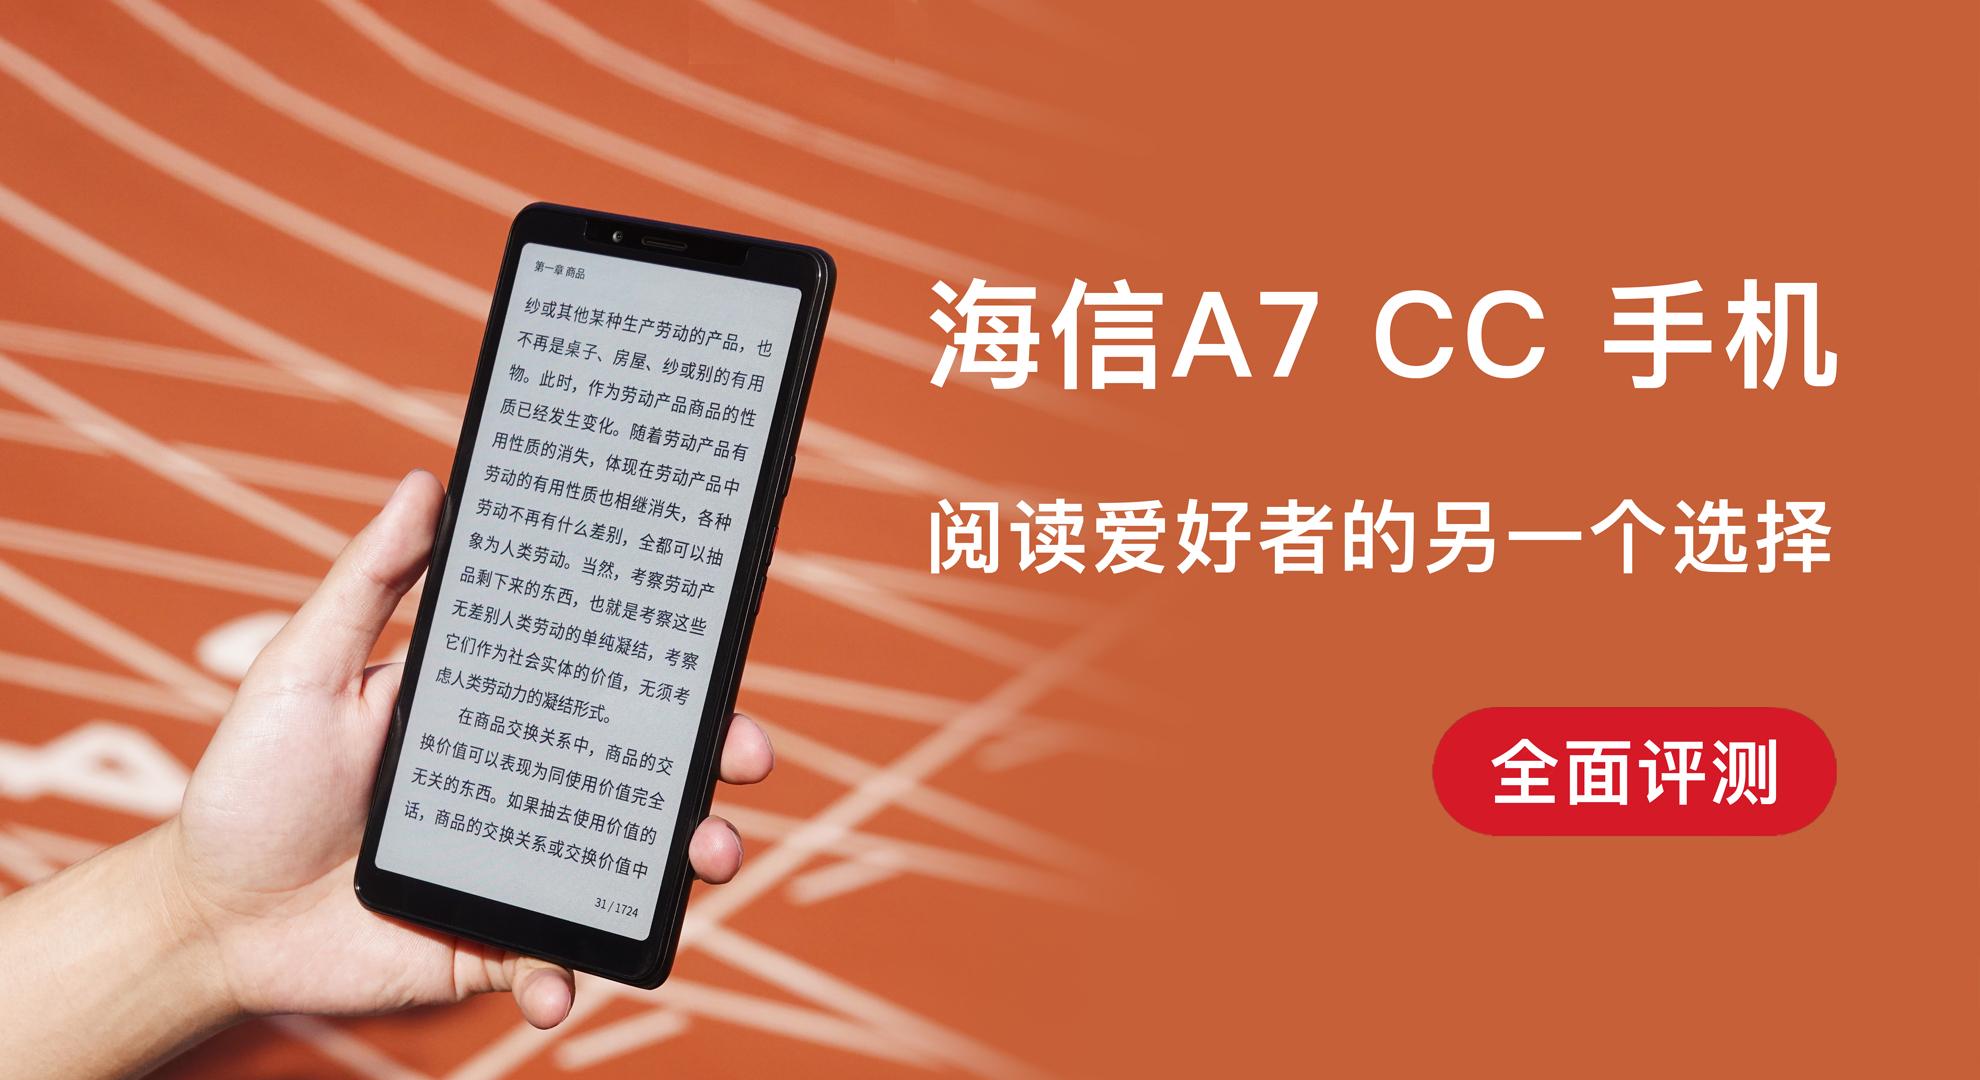 笪屹超人 5G阅读手机?海信 A7 彩色水墨屏CC版上手体验